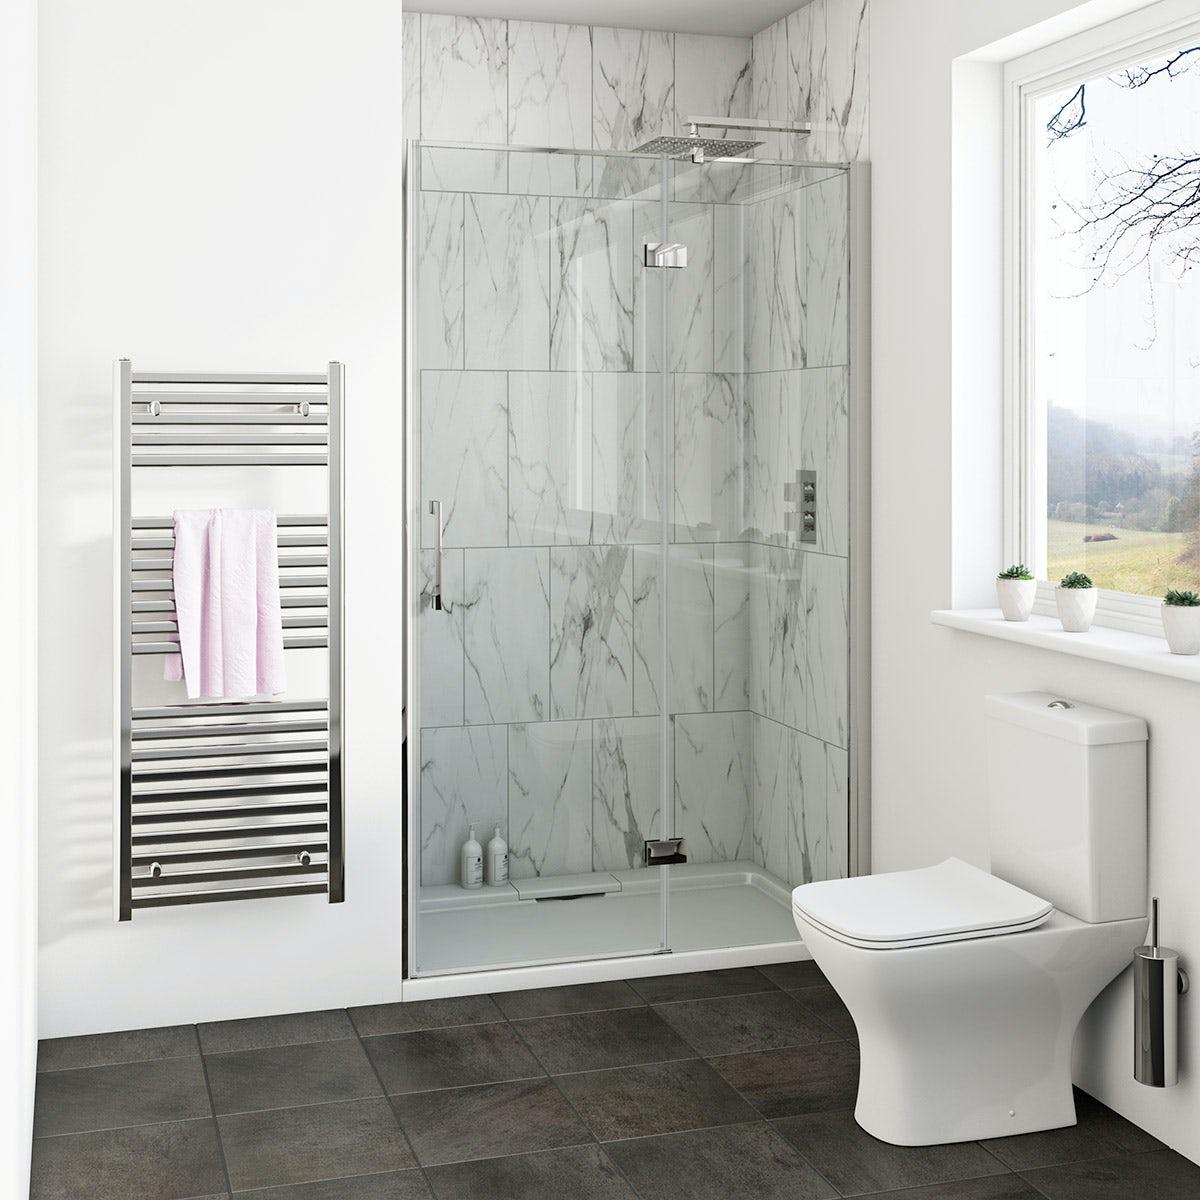 Mode Cooper 8mm hinged easy clean shower door 1200mm